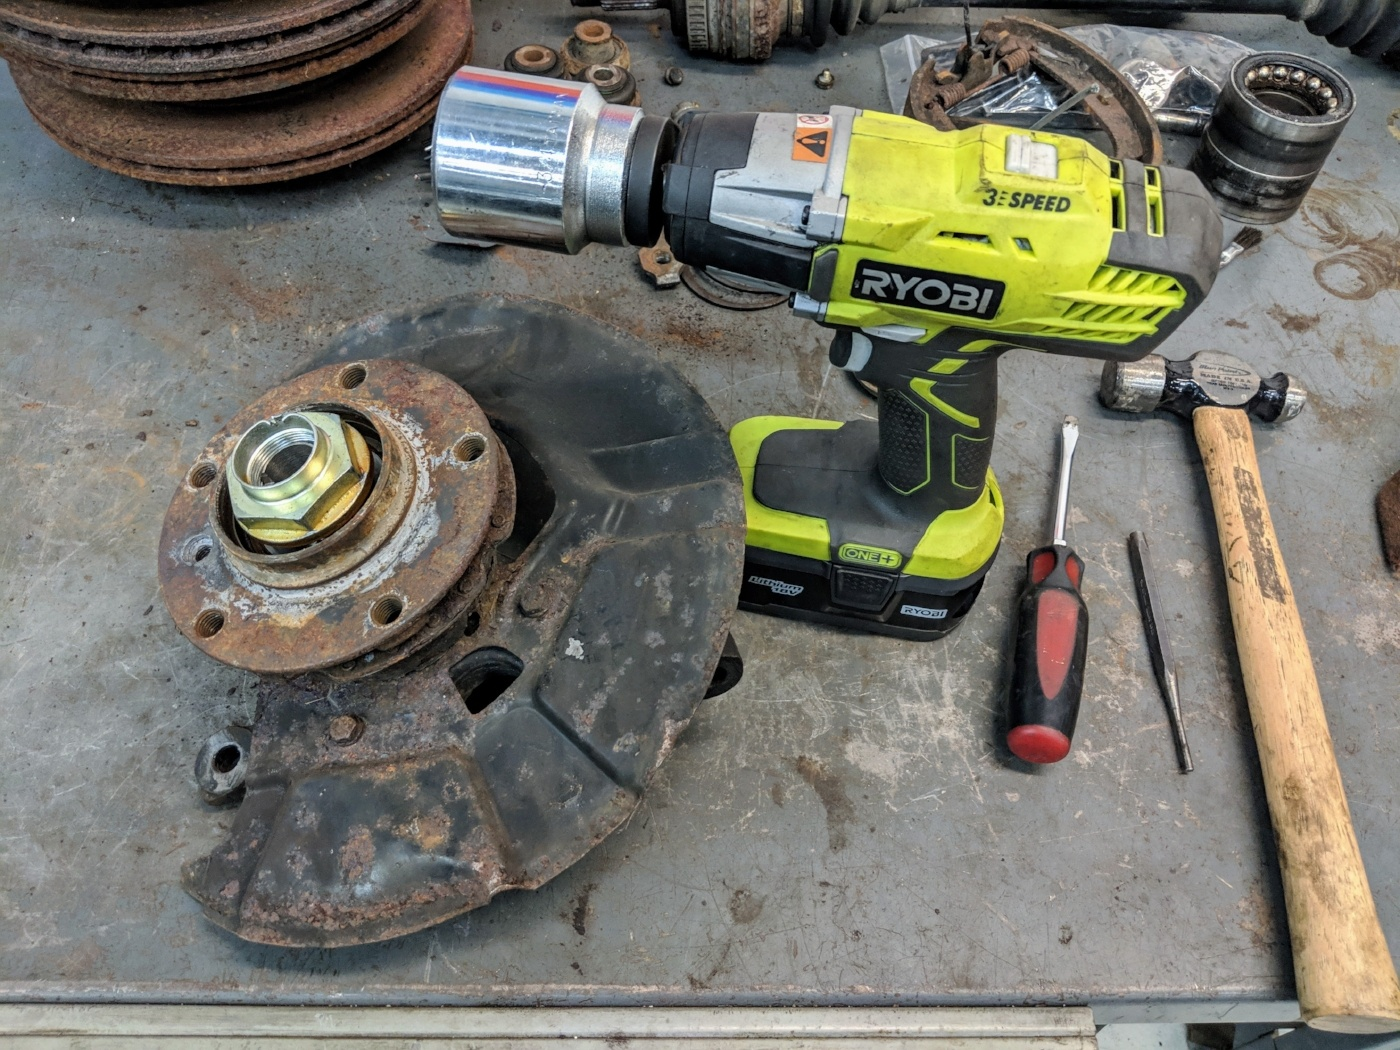 e36 wheel hub nut removal ryobi impact